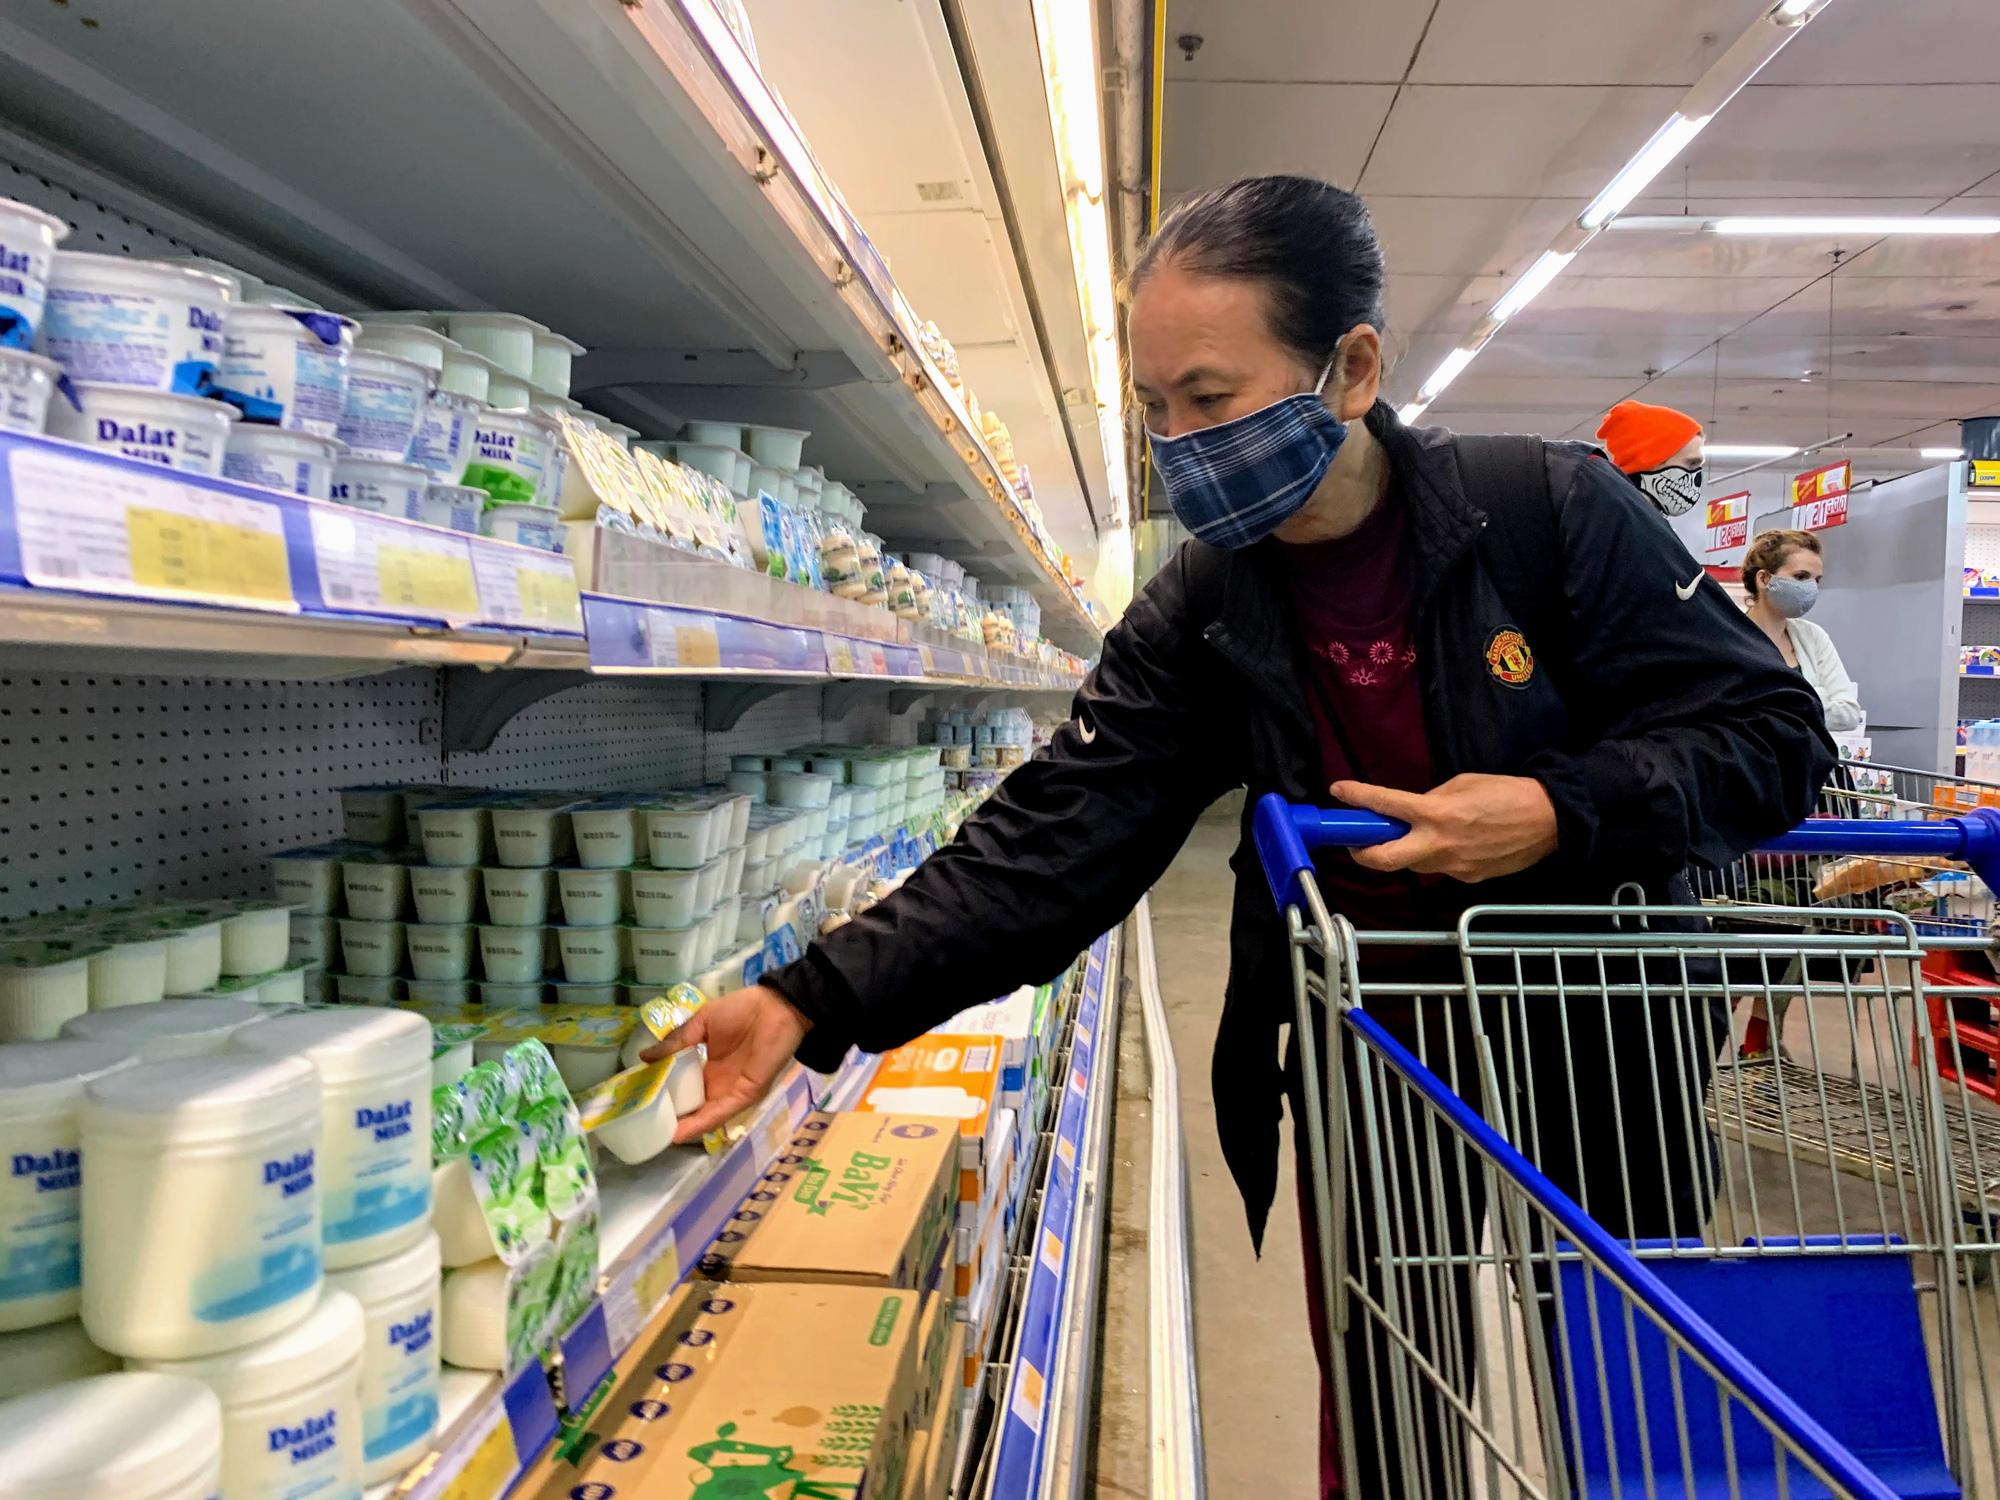 17 người nhiễm Covid - 19 được chữa khỏi, người dân lạc quan quay trở lại mua sắm trong siêu thị, trung tâm thương mại - Ảnh 13.